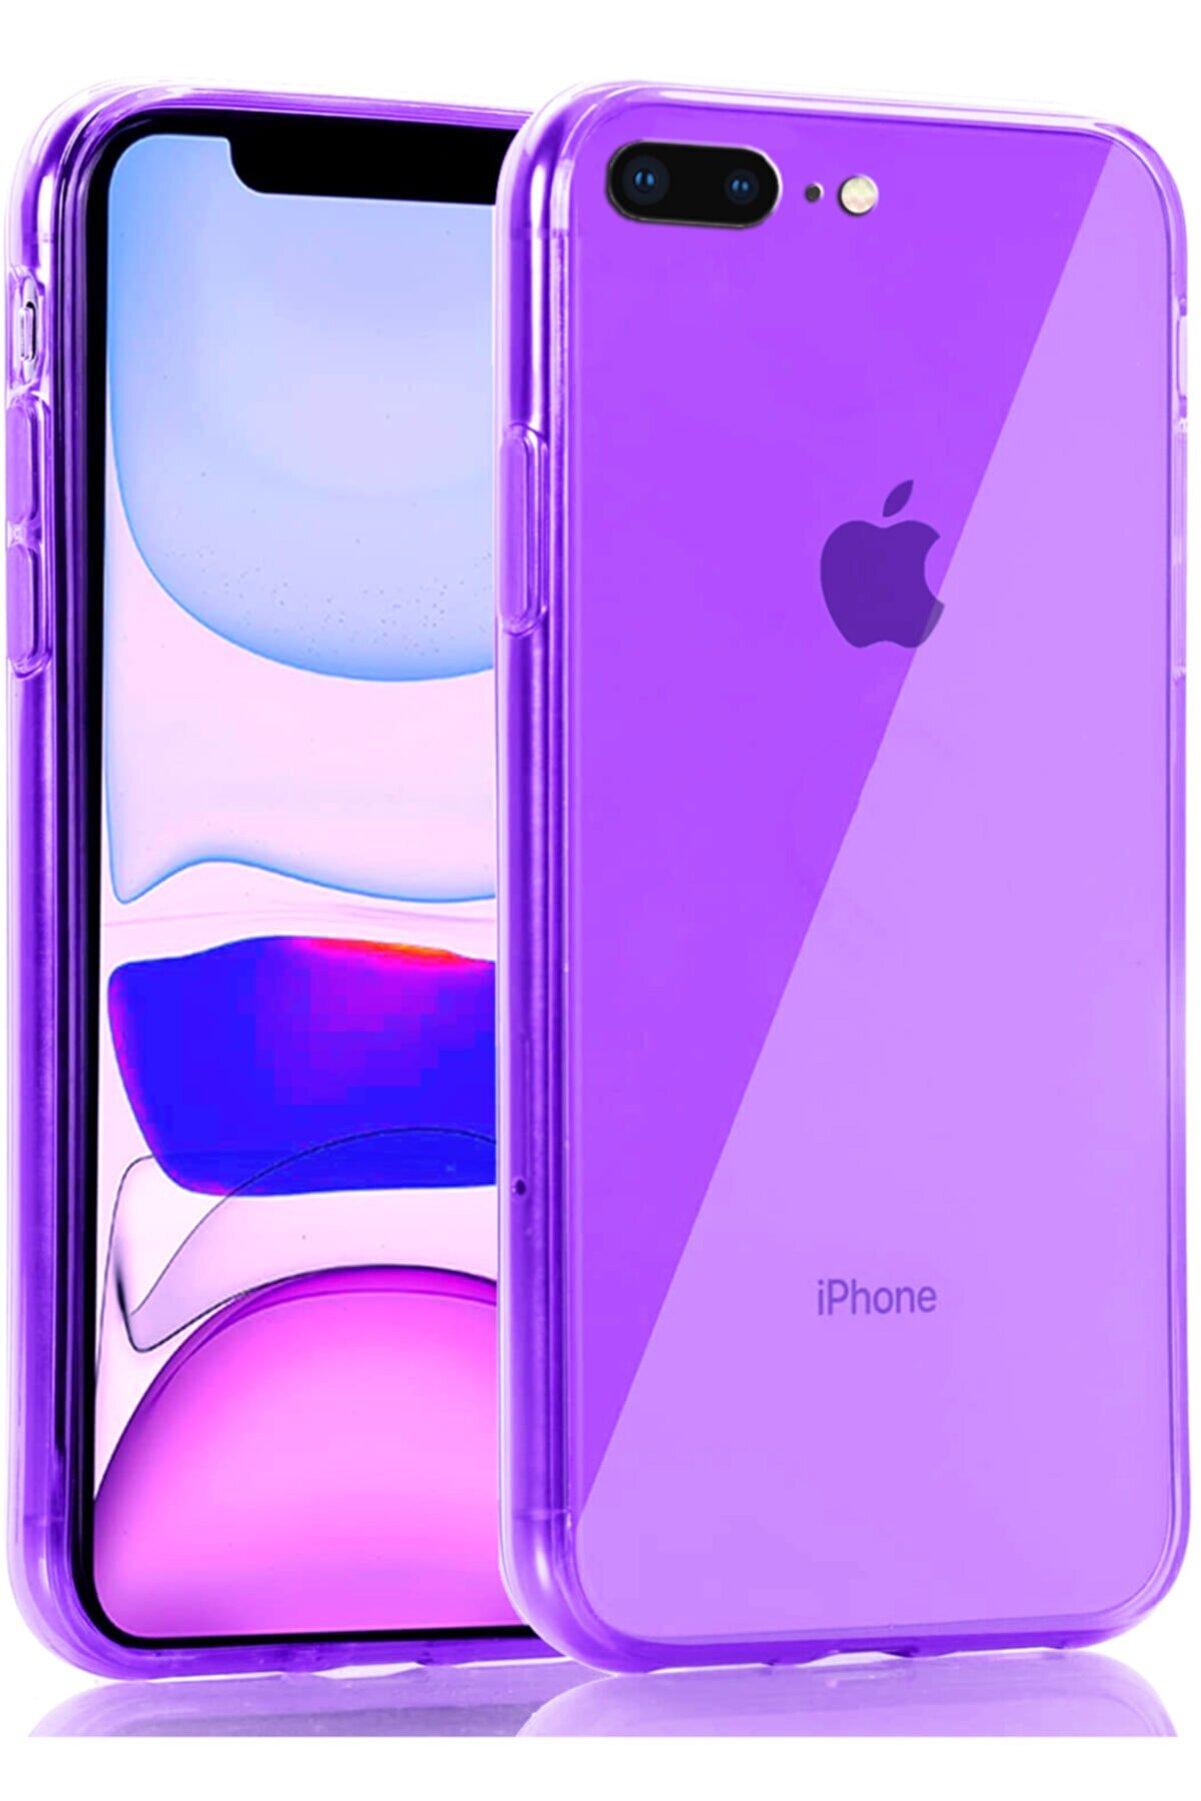 Apple Iphone 8 Plus Kılıf Fosforlu Canlı Renkli Parlak Silikon Kapak